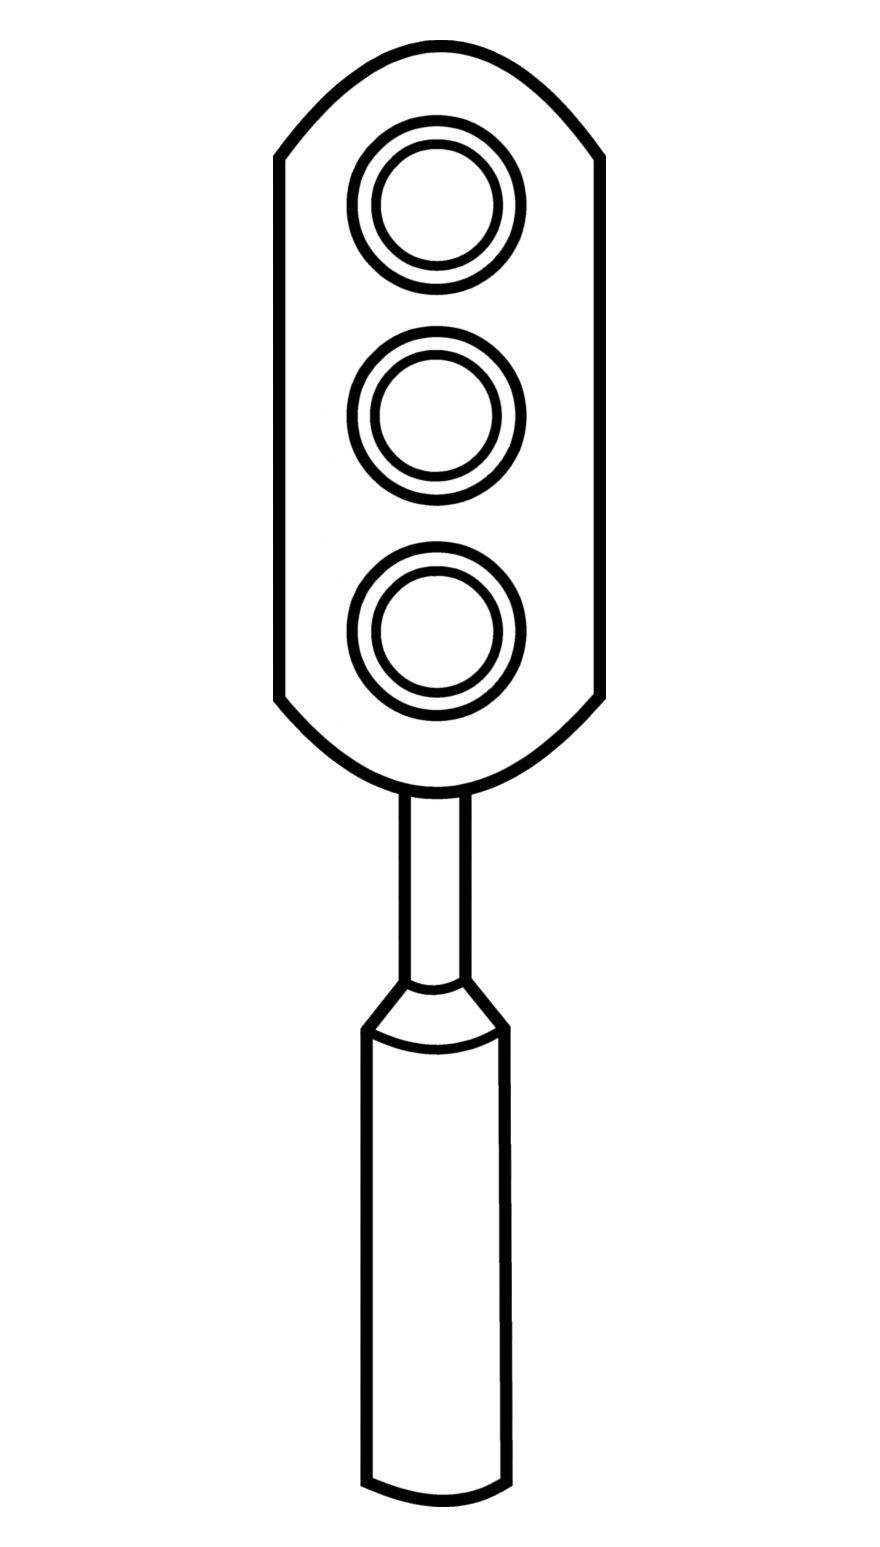 Tranh đèn giao thông chưa tô màu